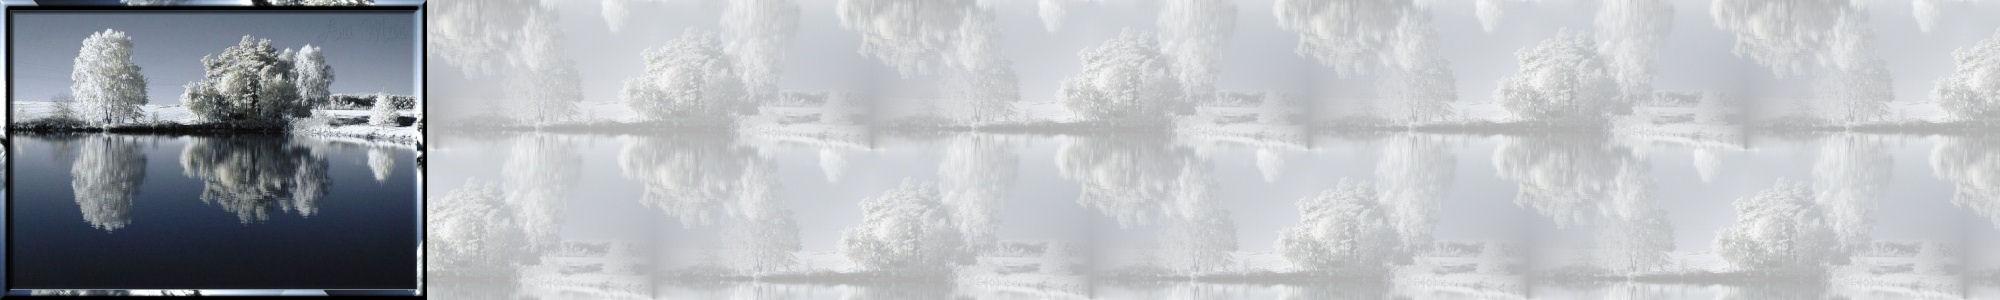 Fondo IM nieve_lago_003.imf